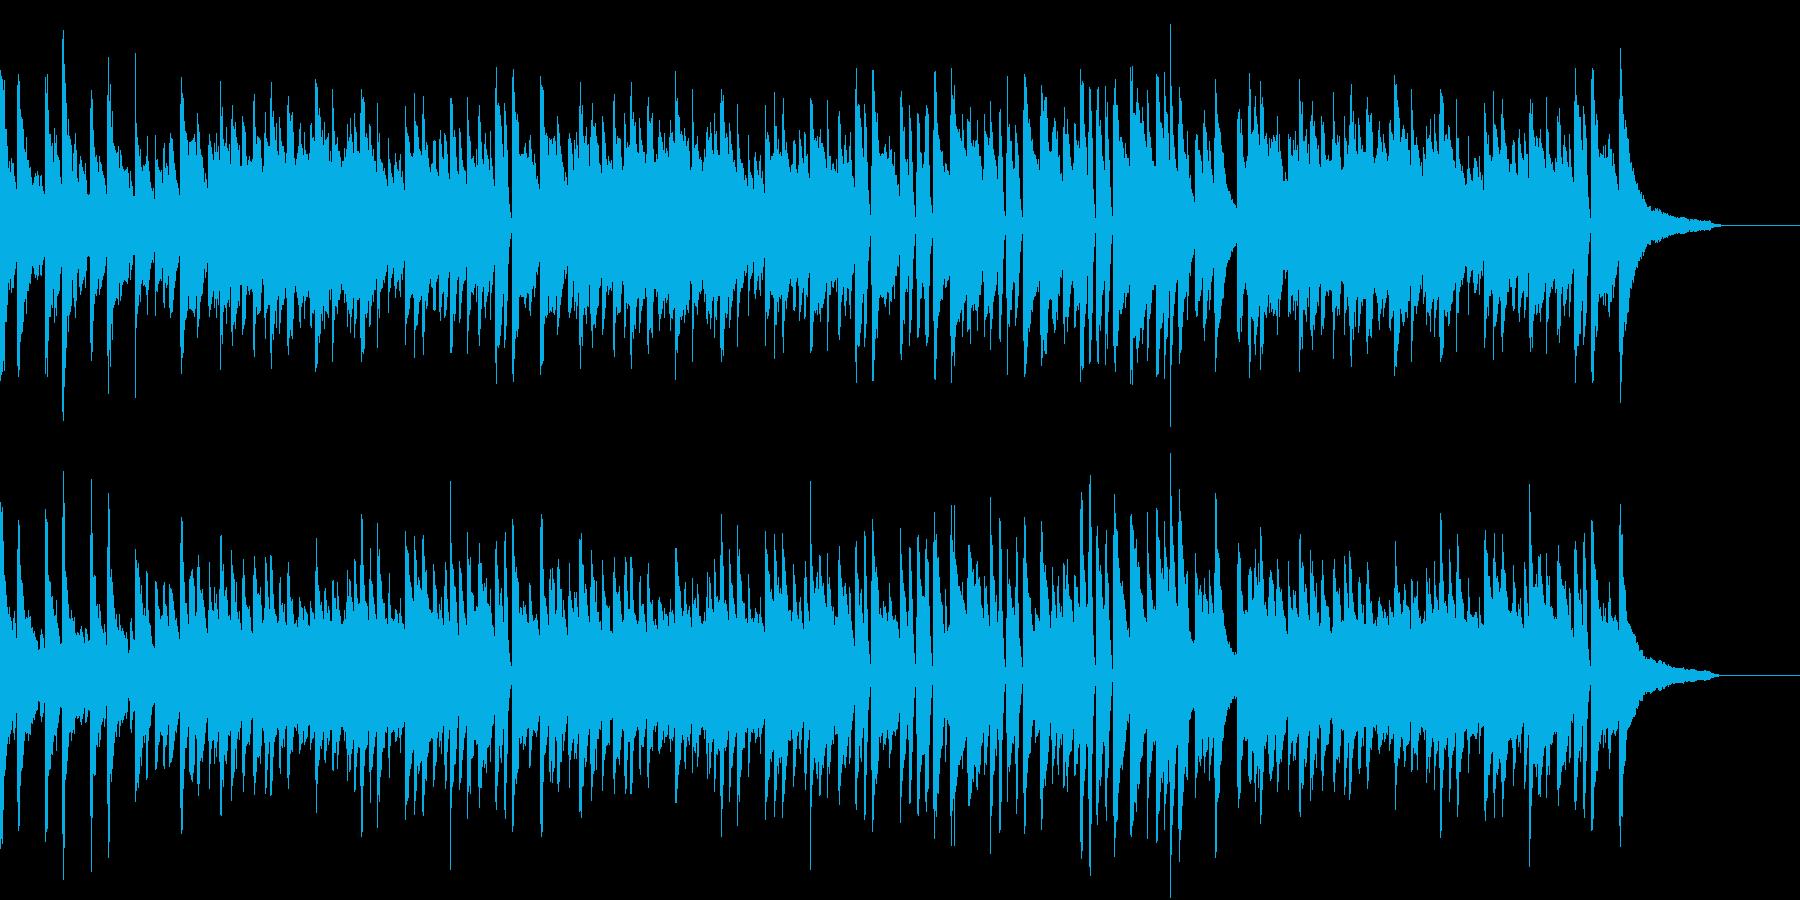 【ピアノのみ】ポジティブで爽やかなピアノの再生済みの波形